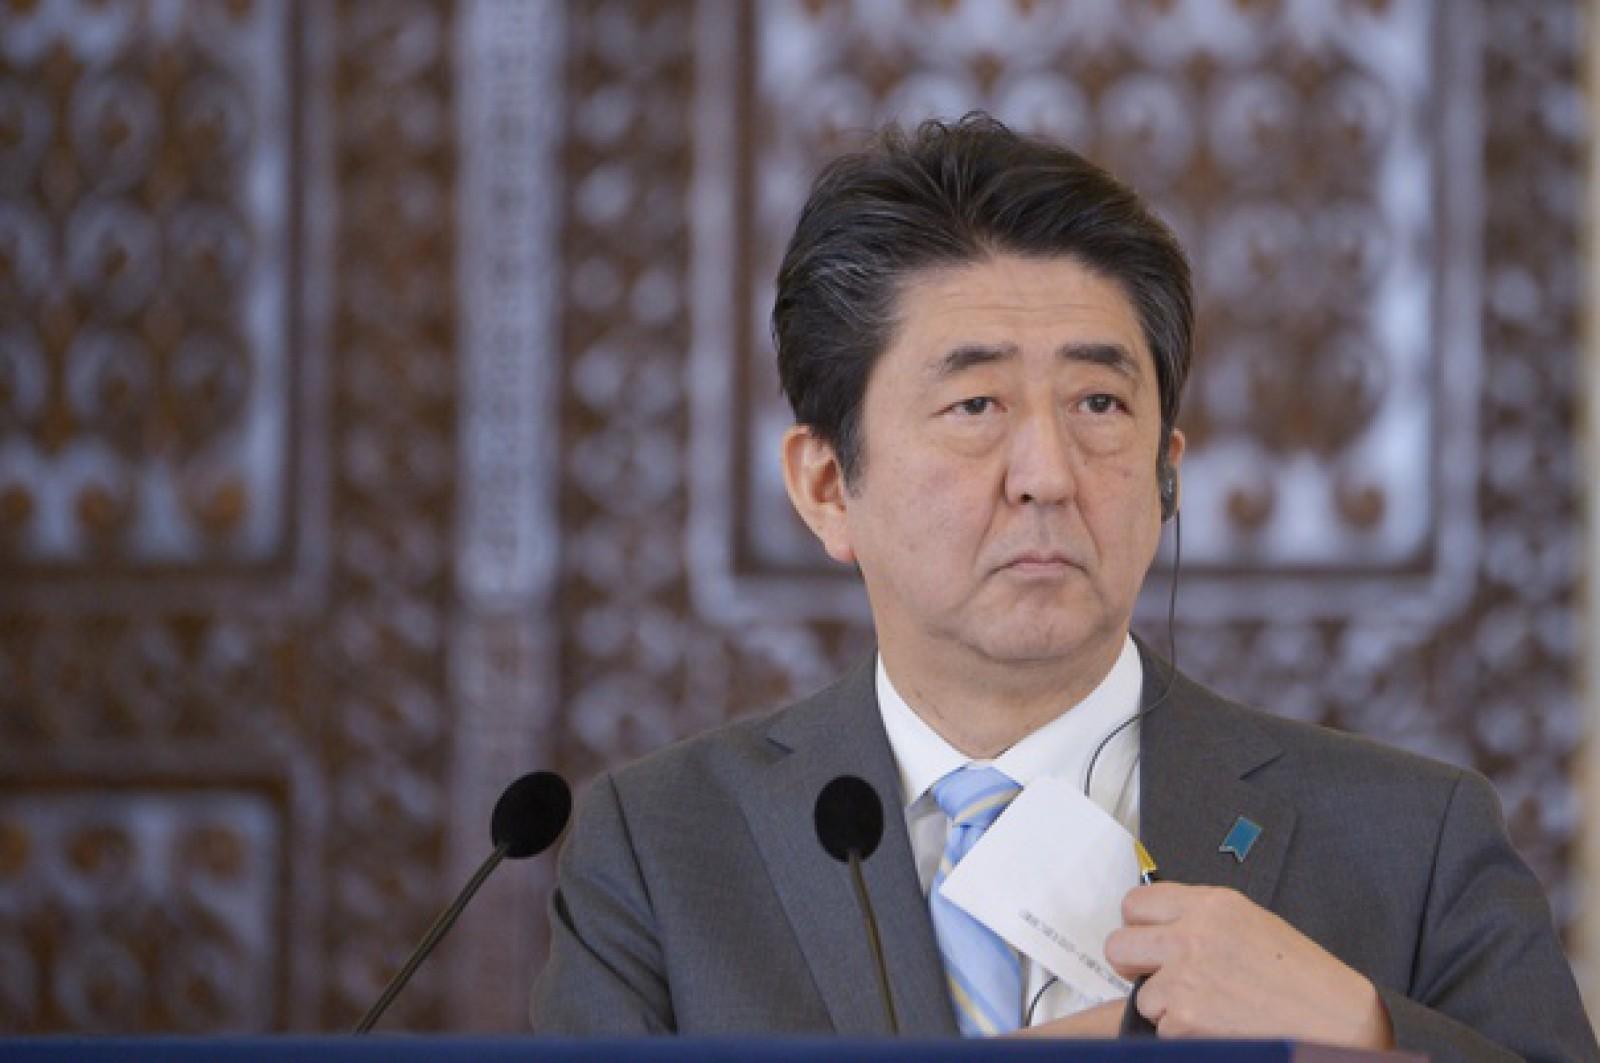 Japonia îşi doreşte semnarea unui tratat de pace cu Rusia